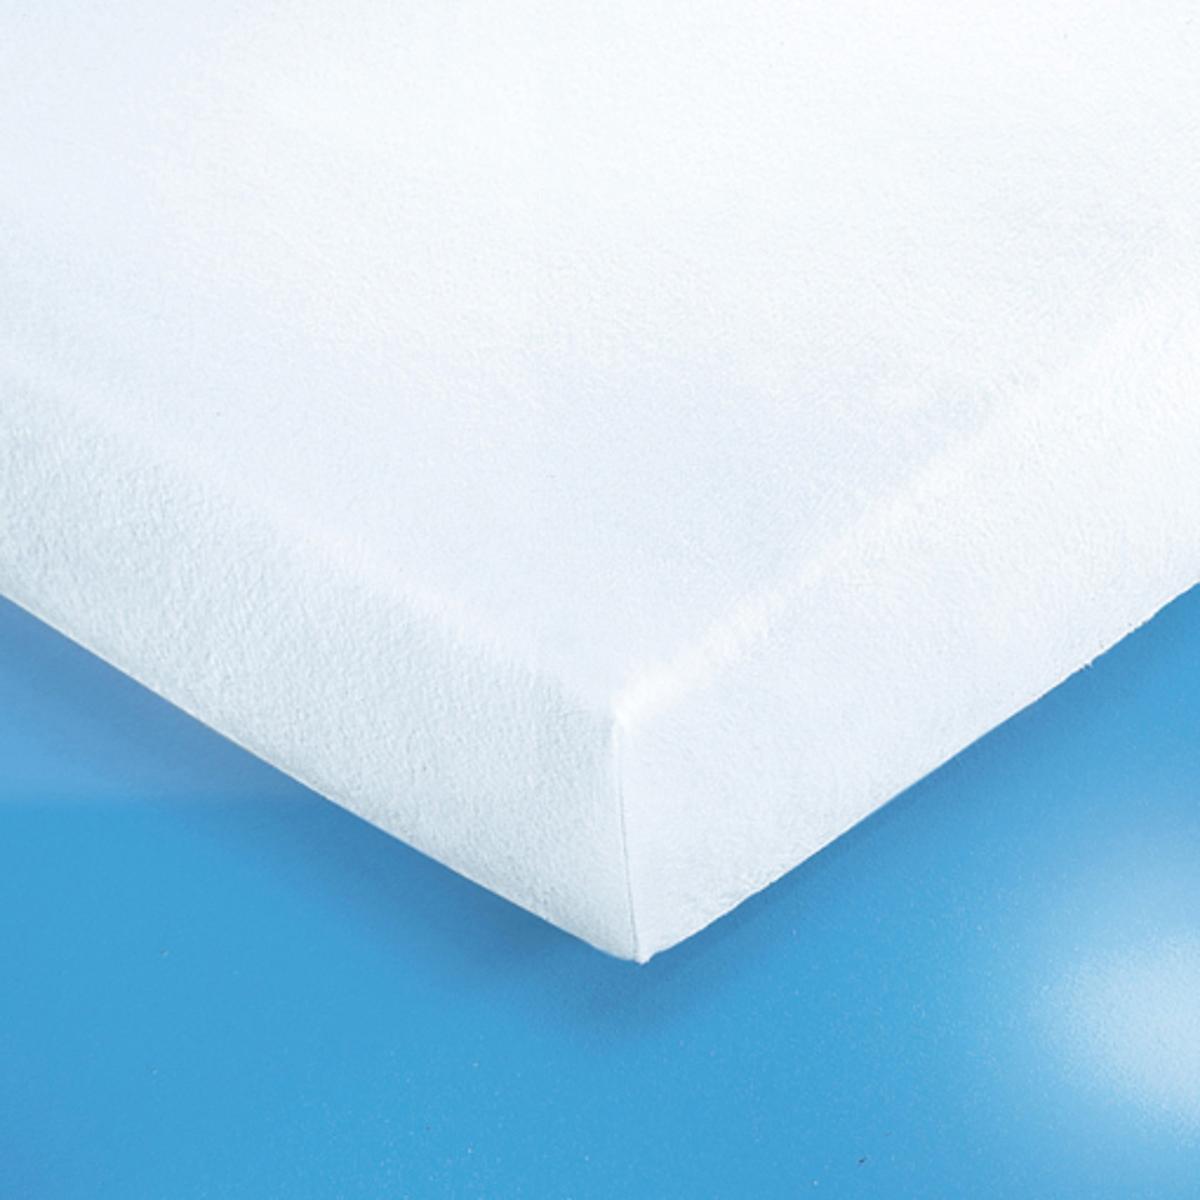 цена на Чехол La Redoute Защитный для матраса натяжной из эластичной махровой ткани 140 x 190 см белый